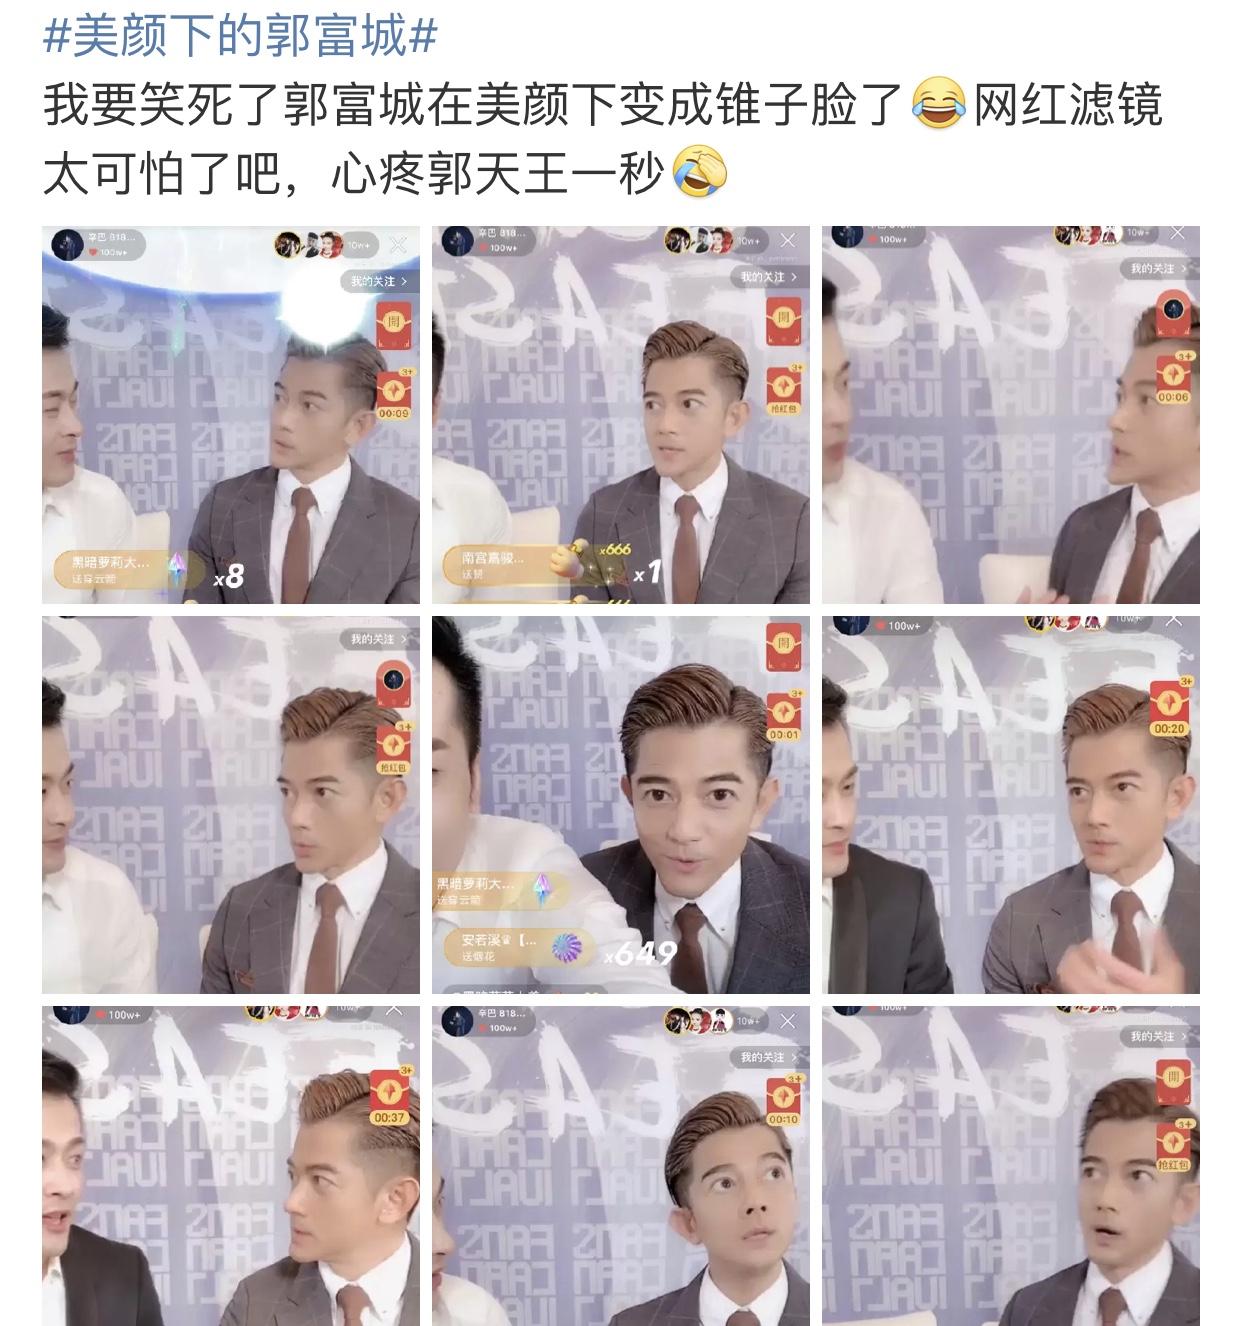 郭富城网红滤镜大眼睛尖下巴竟撞脸刘恺威,方媛认得出吗